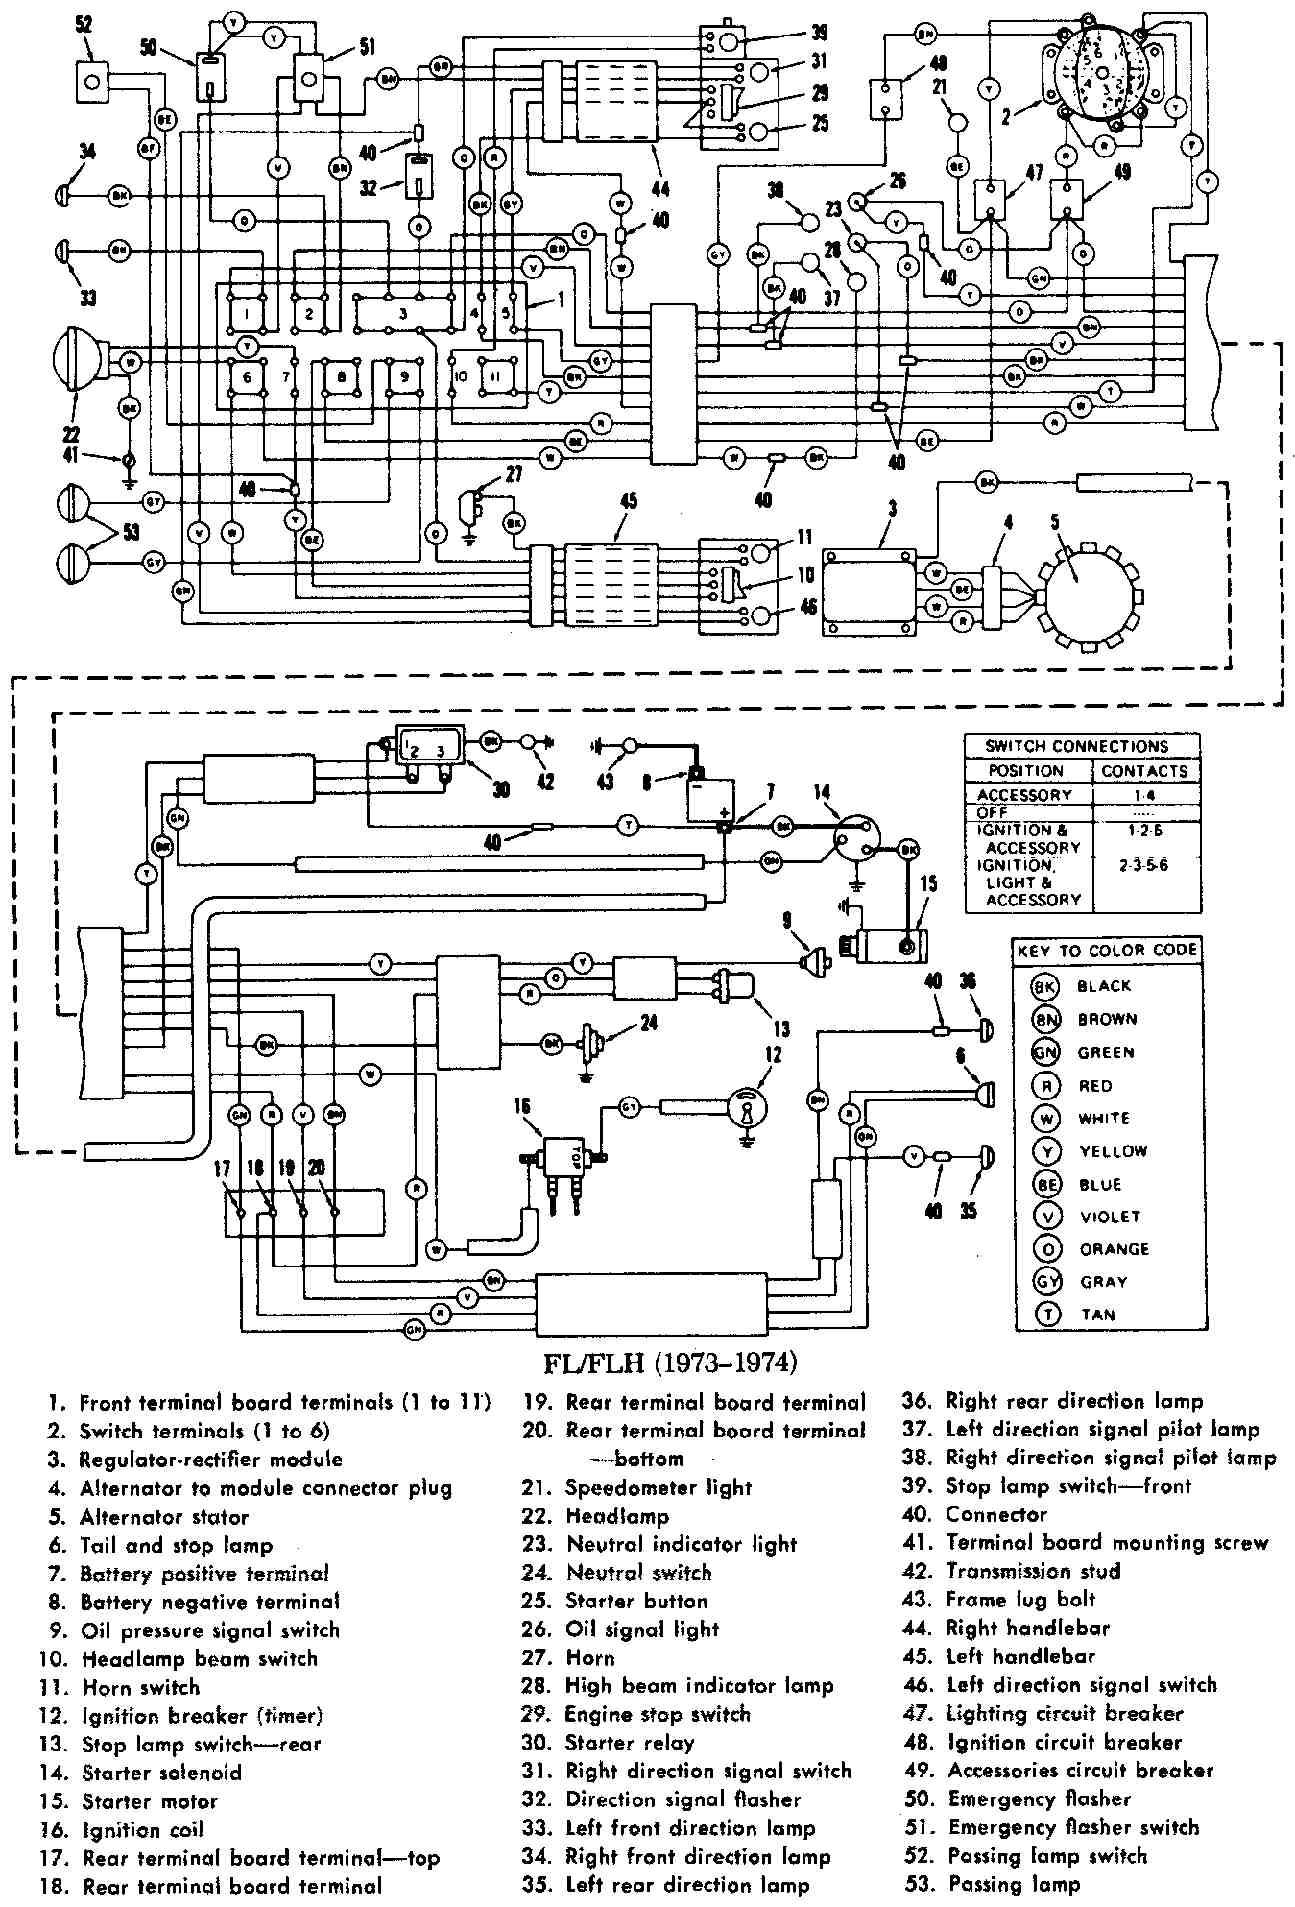 hight resolution of 1972 harley davidson wiring diagram wiring diagram third level 1974 harley davidson golf cart wiring diagram